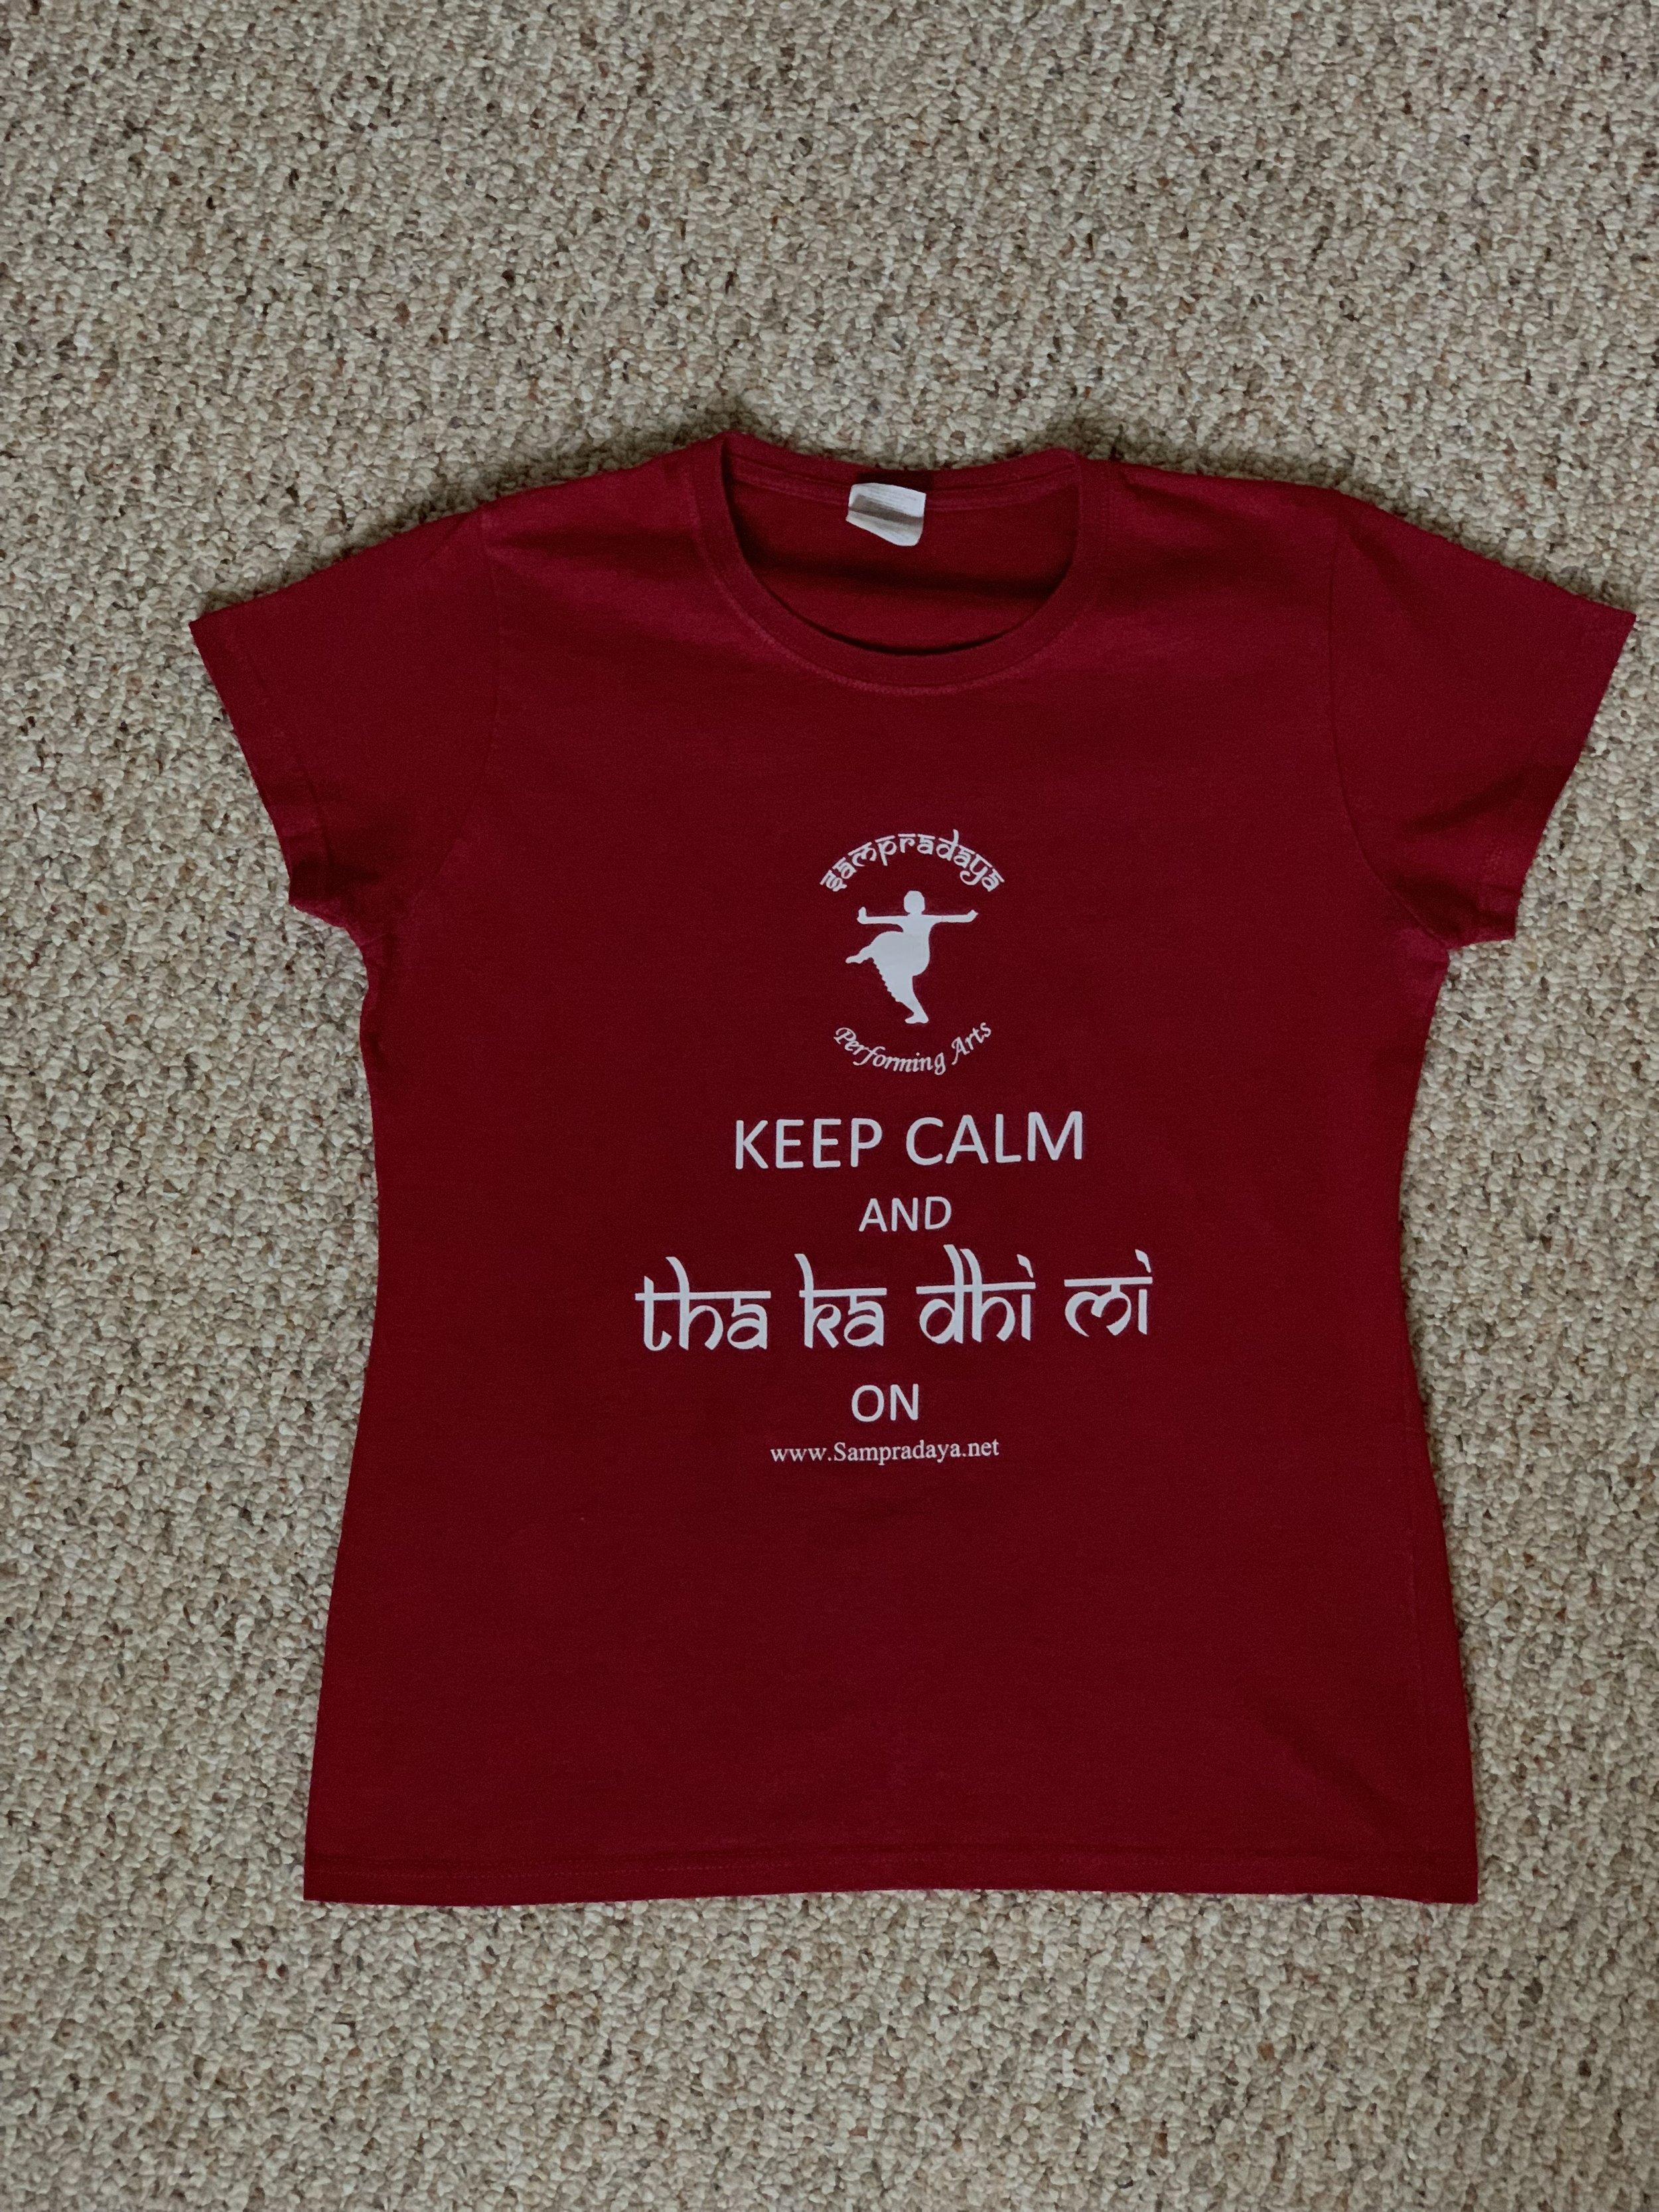 Sampradaya Shirt (Red/Maroon color)